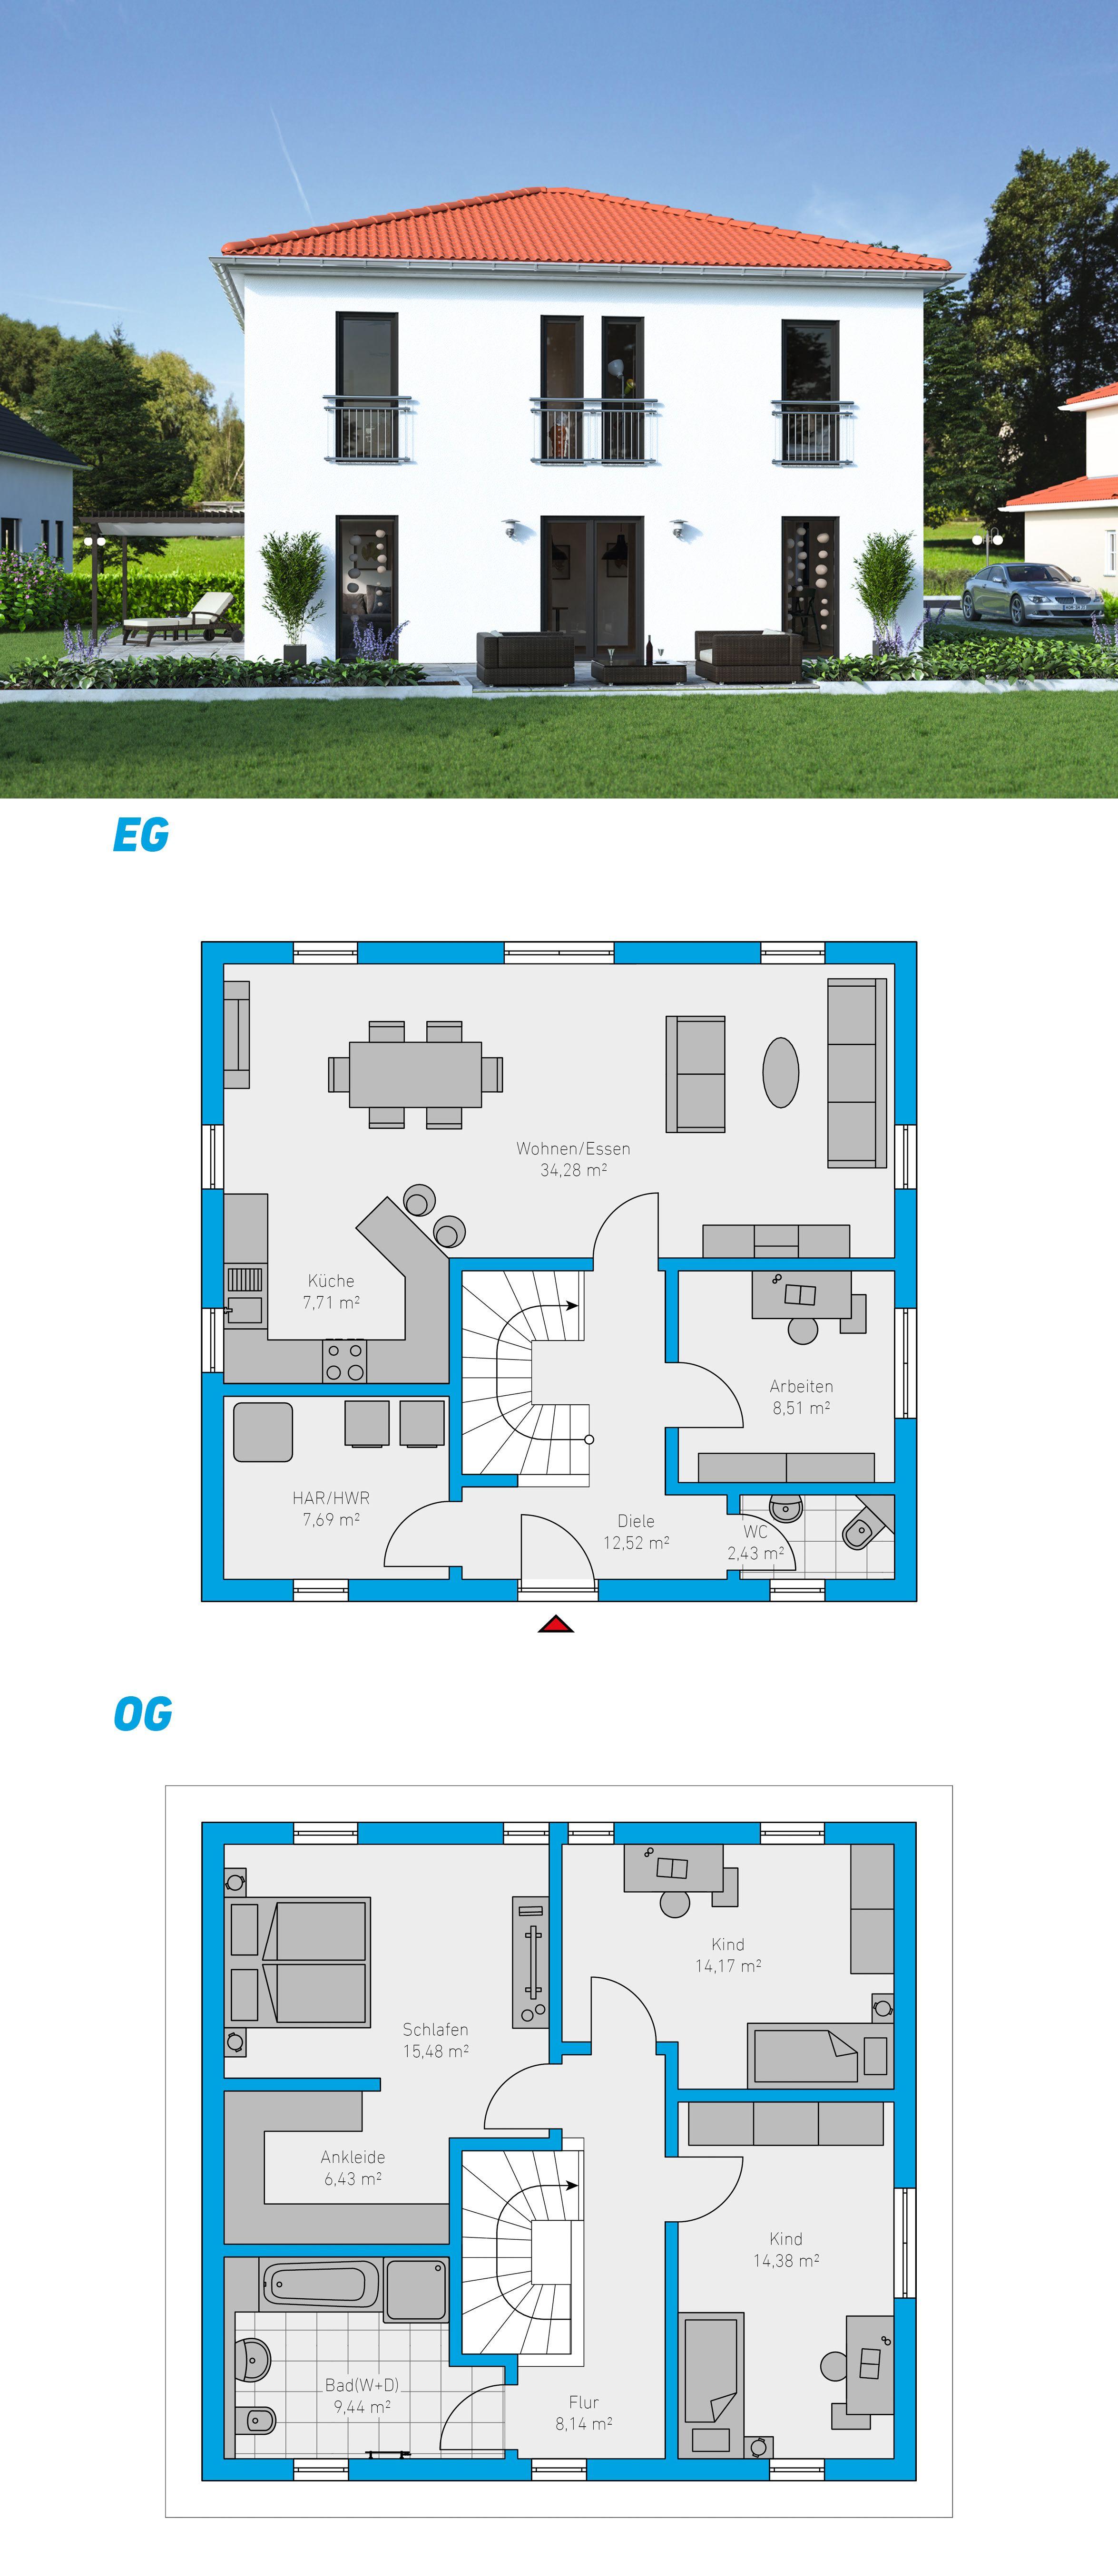 Edita 141 Schlusselfertiges Massivhaus Spektralhaus Ingutenwanden 2geschossig Grundriss Hausbau Massivhaus Steinmassivhaus Bauplan Haus Haus Bauen Haus